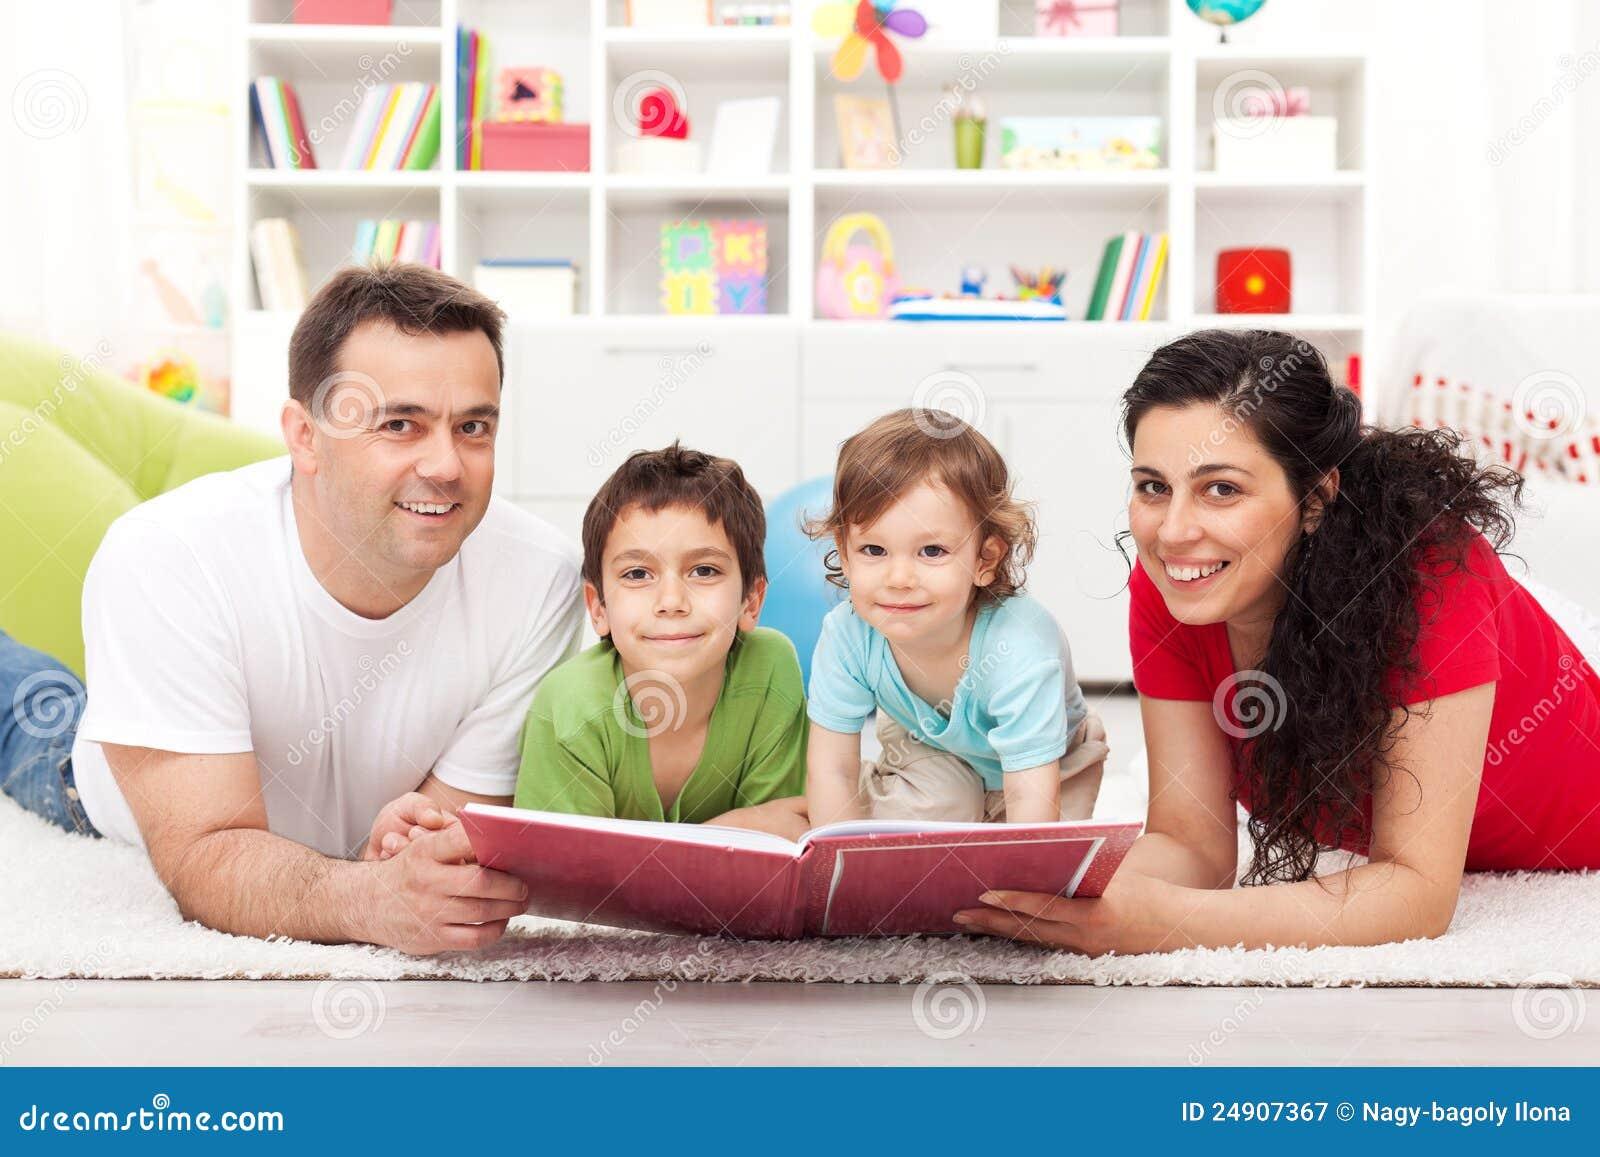 οικογενειακά κατσίκια βιβλίων που διαβάζουν στην ιστορία δύο νεολαίες